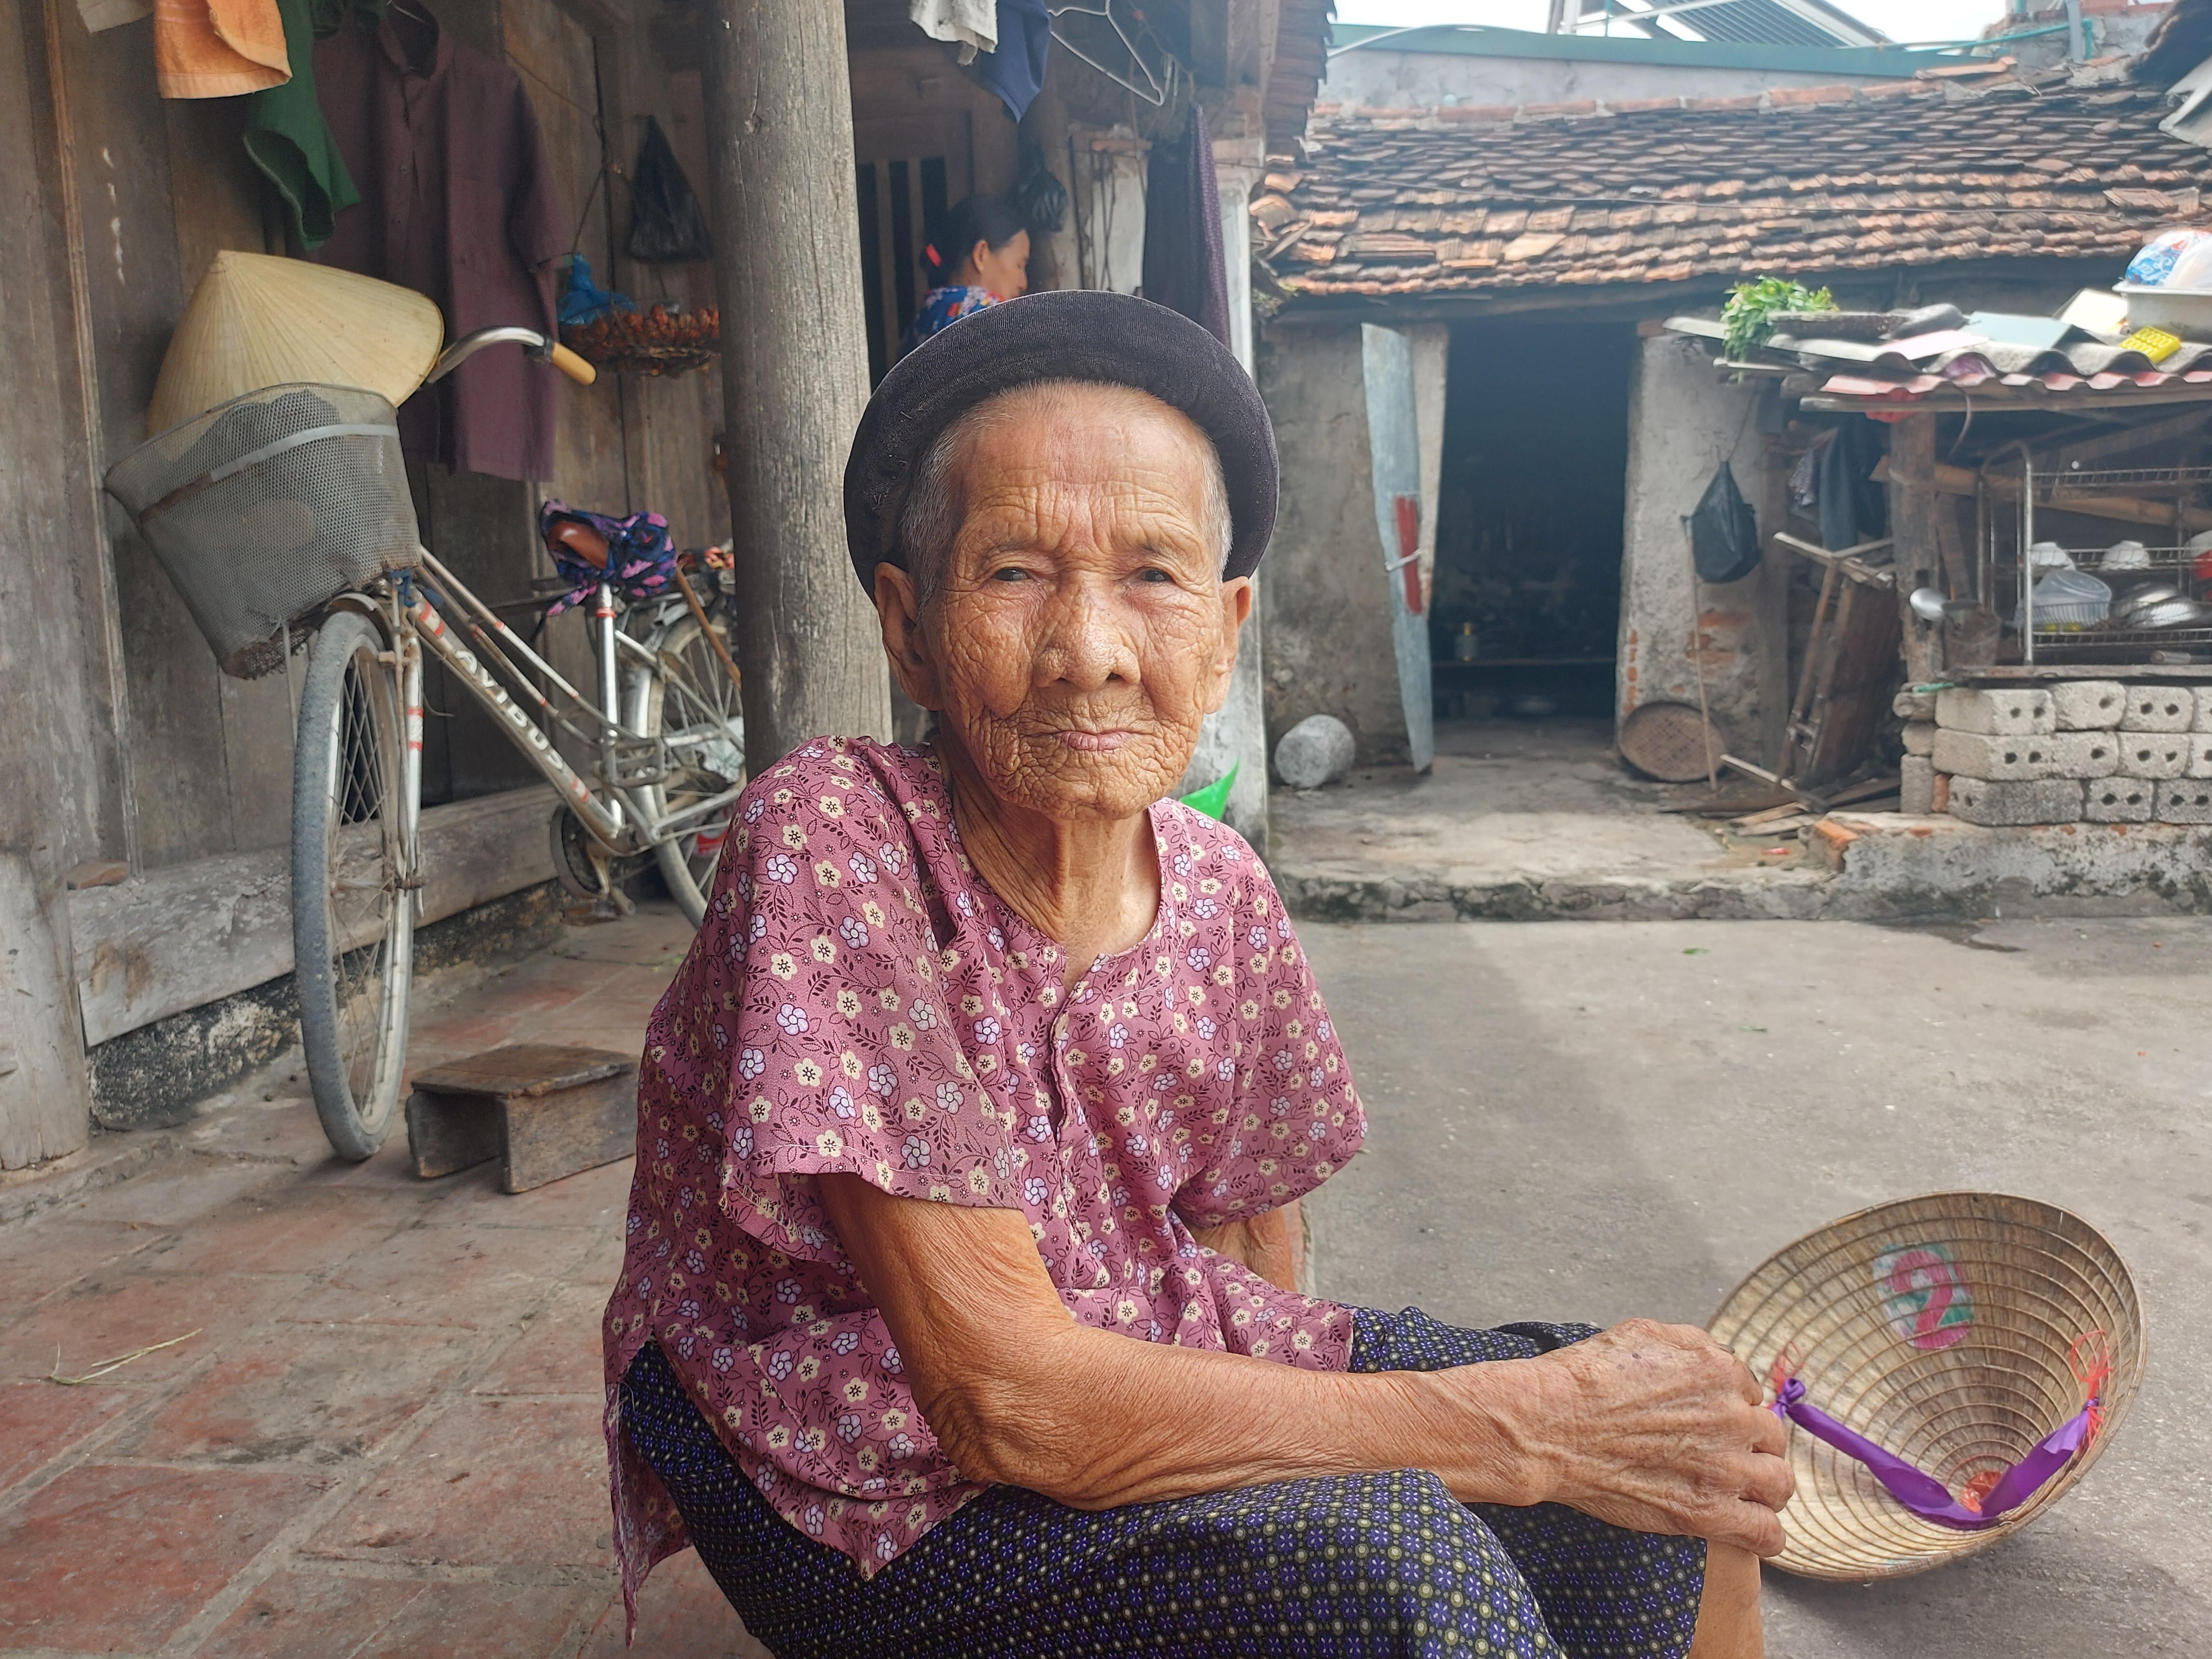 Cụ Nhâm cho rằng những đóng góp của mình là không đáng bao nhiêu so với những khó khăn mà người bà con TP Hồ Chí Minh đang phải chịu.